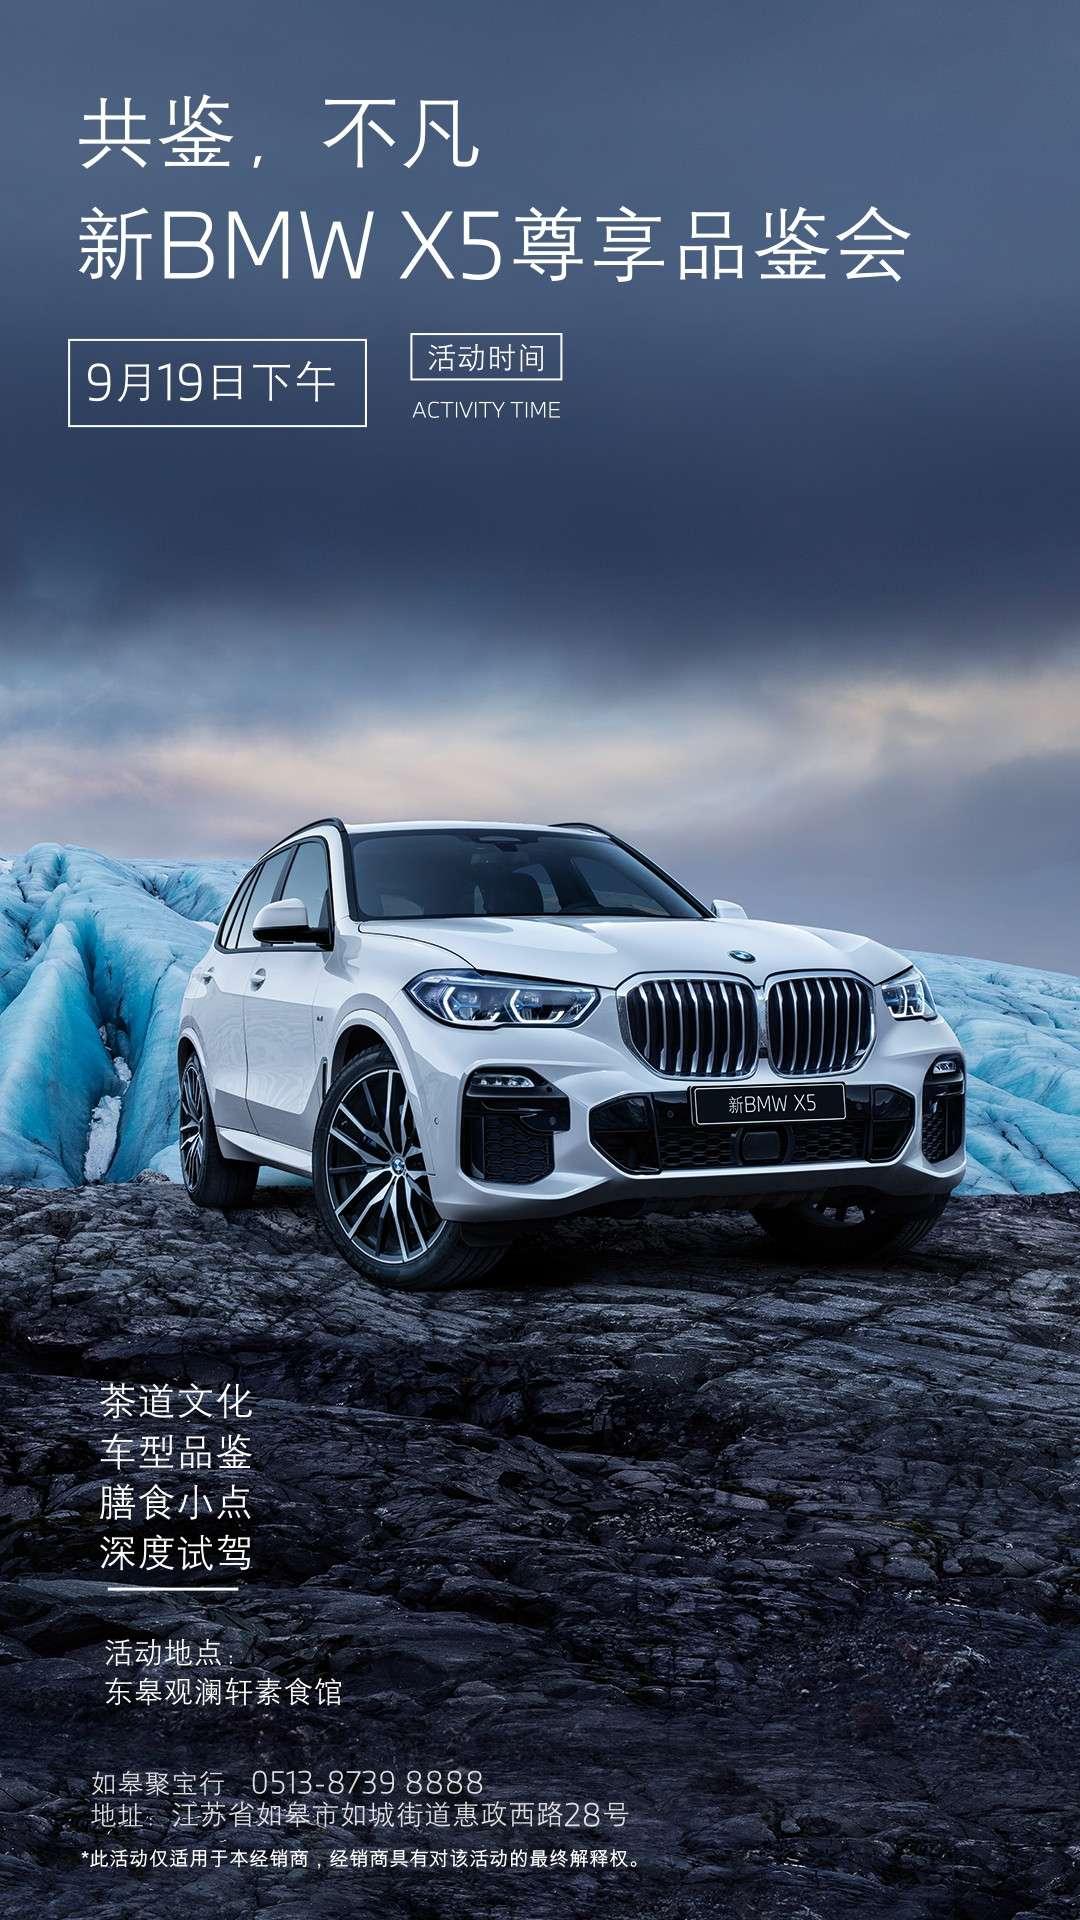 活动招募.倒计时丨共鉴,不凡——新BMW X5尊享品鉴会